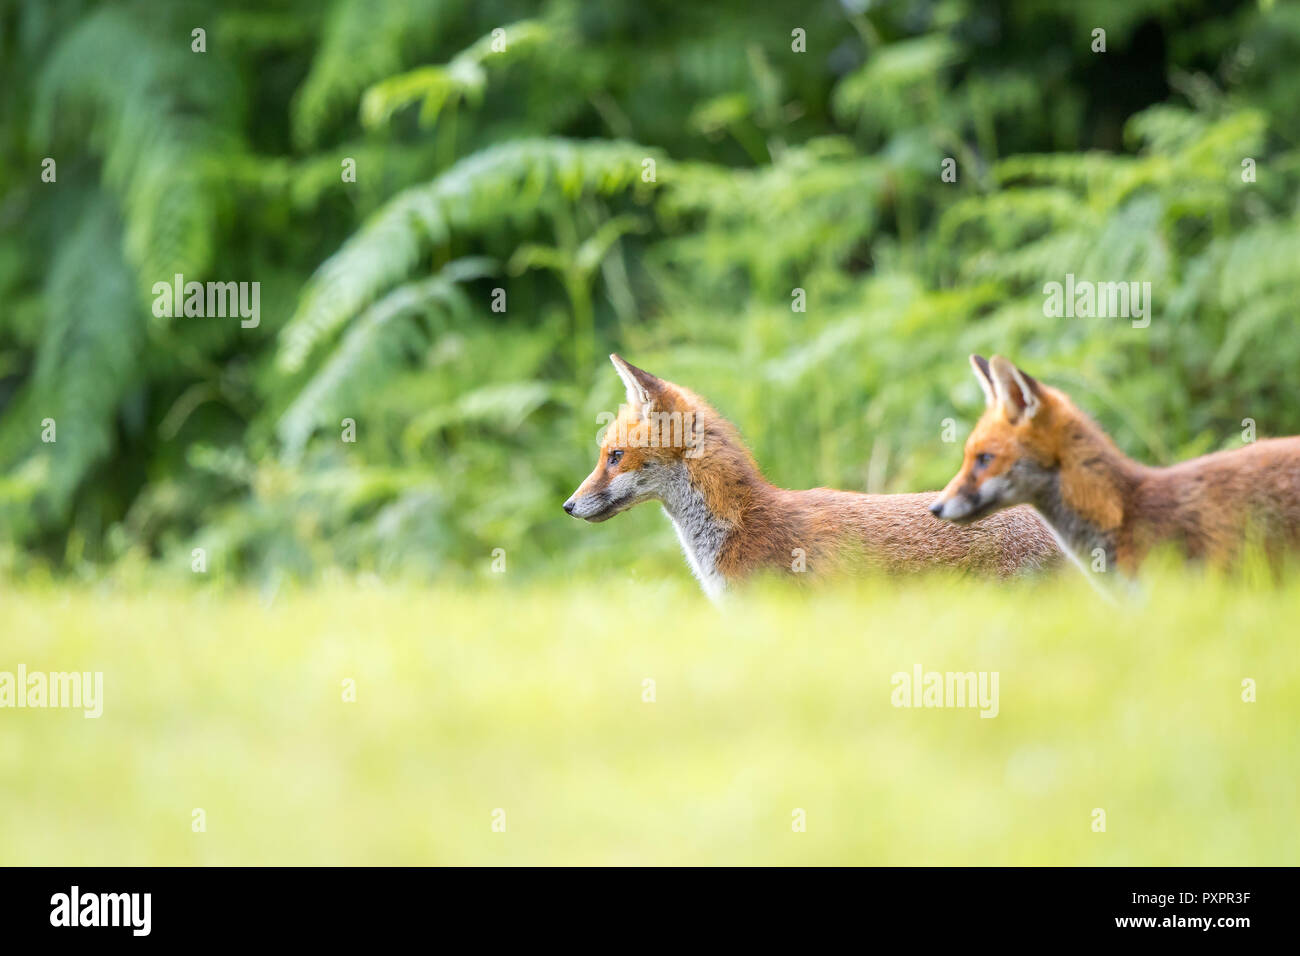 Low angle, vue de côté: deux jeunes sauvages, des renards roux (Vulpes vulpes) à la fois s'arrêta à Alert dans les hautes herbes, avec fond bois naturel UK. Photo Stock